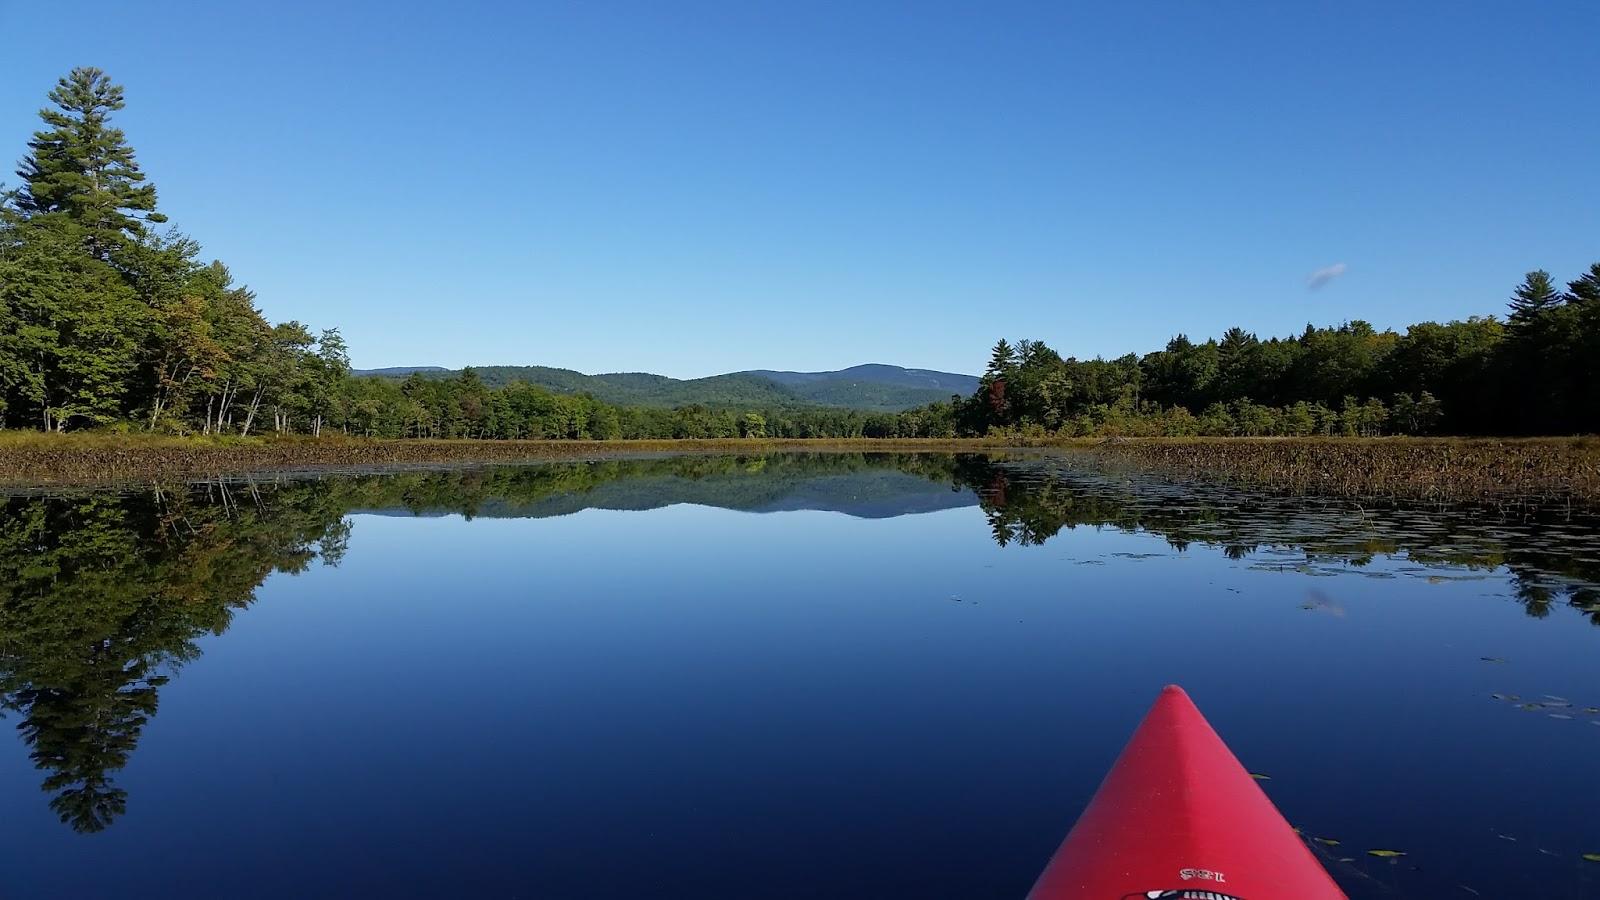 Lovell Maine Map.Recreational Kayaking In Maine Kezar Lake Lower Basin Lovell Me